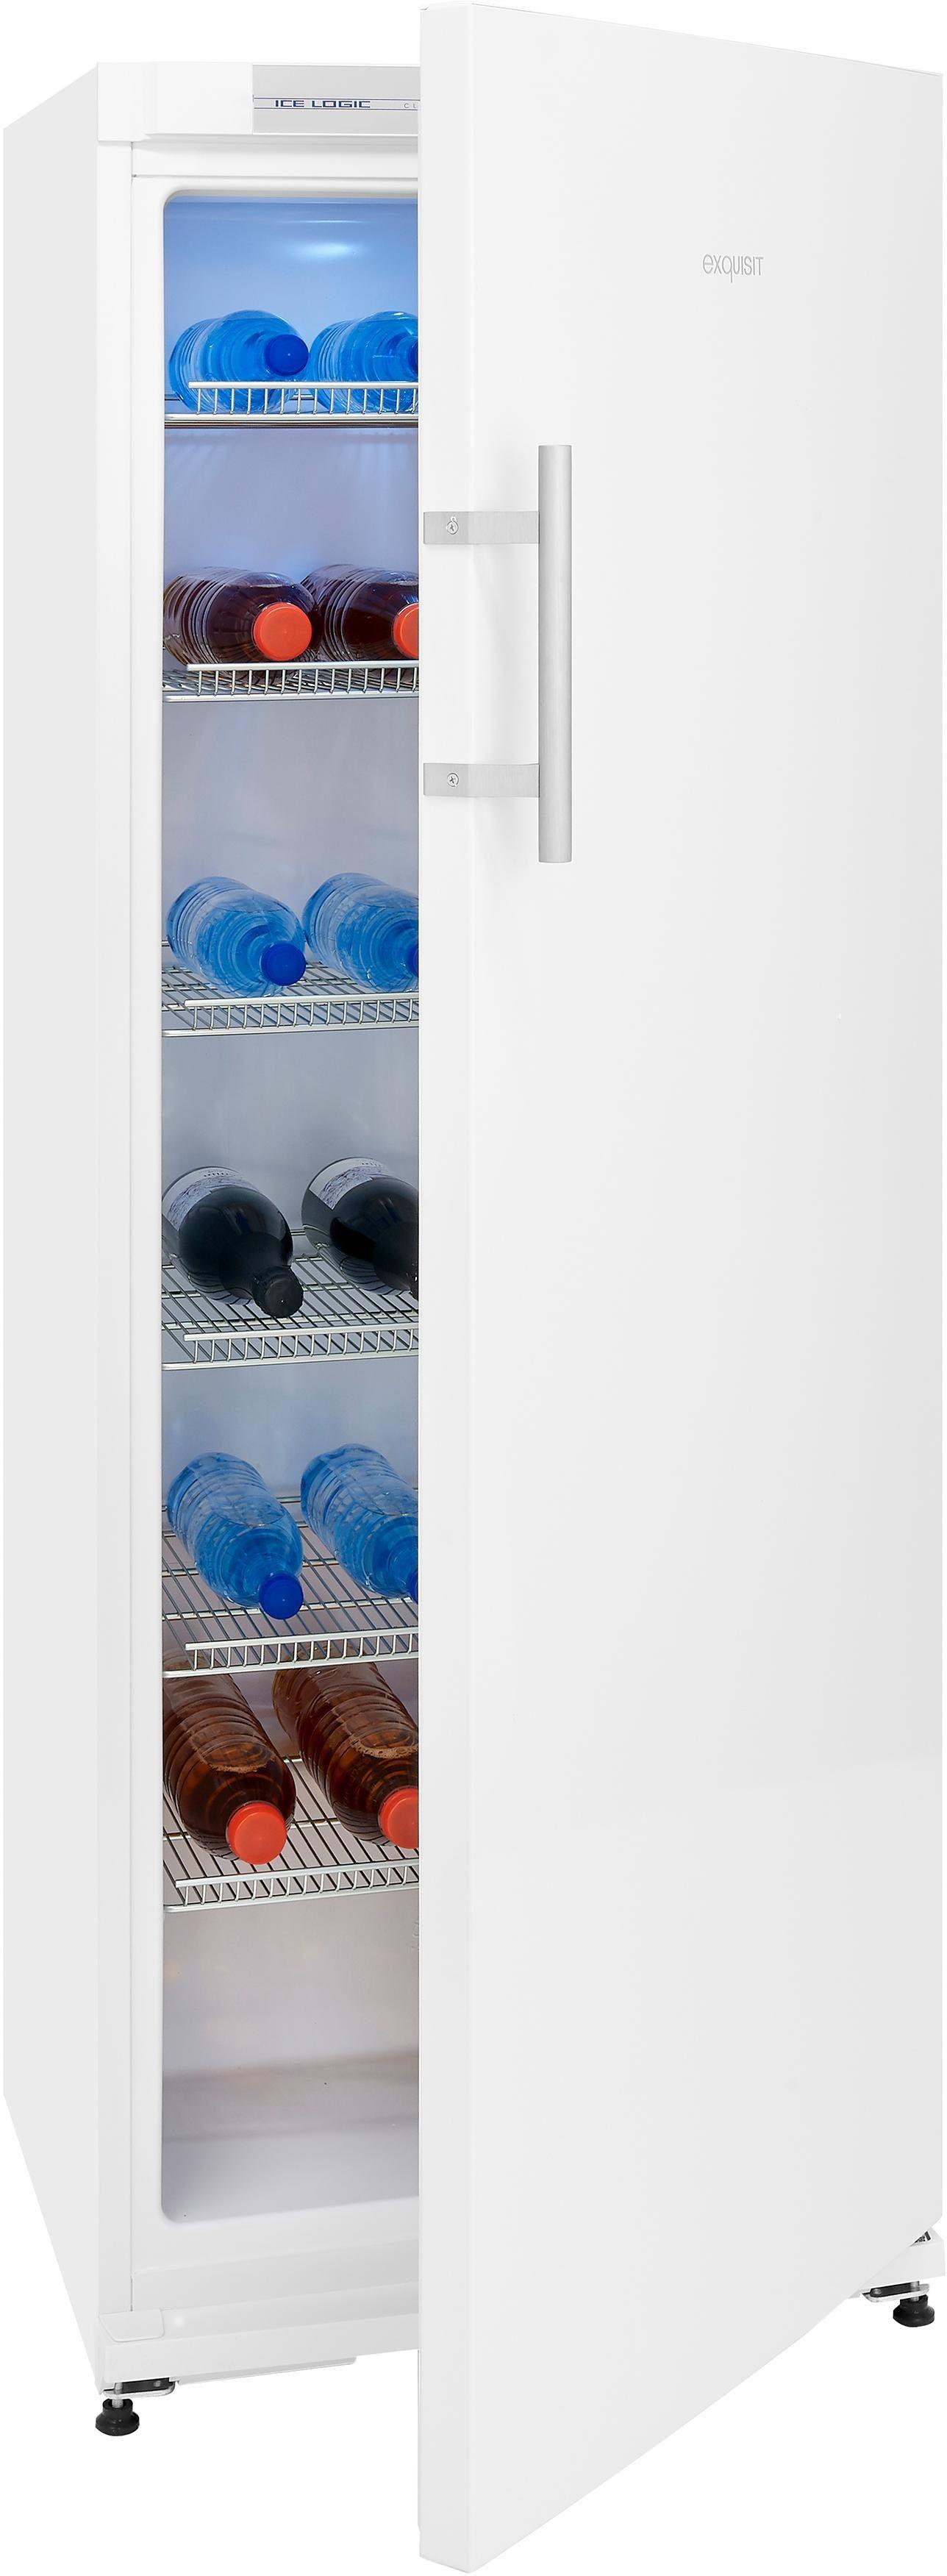 Exquisit Kühlschrank KSC31A+FL, 163 cm hoch, 60 cm breit